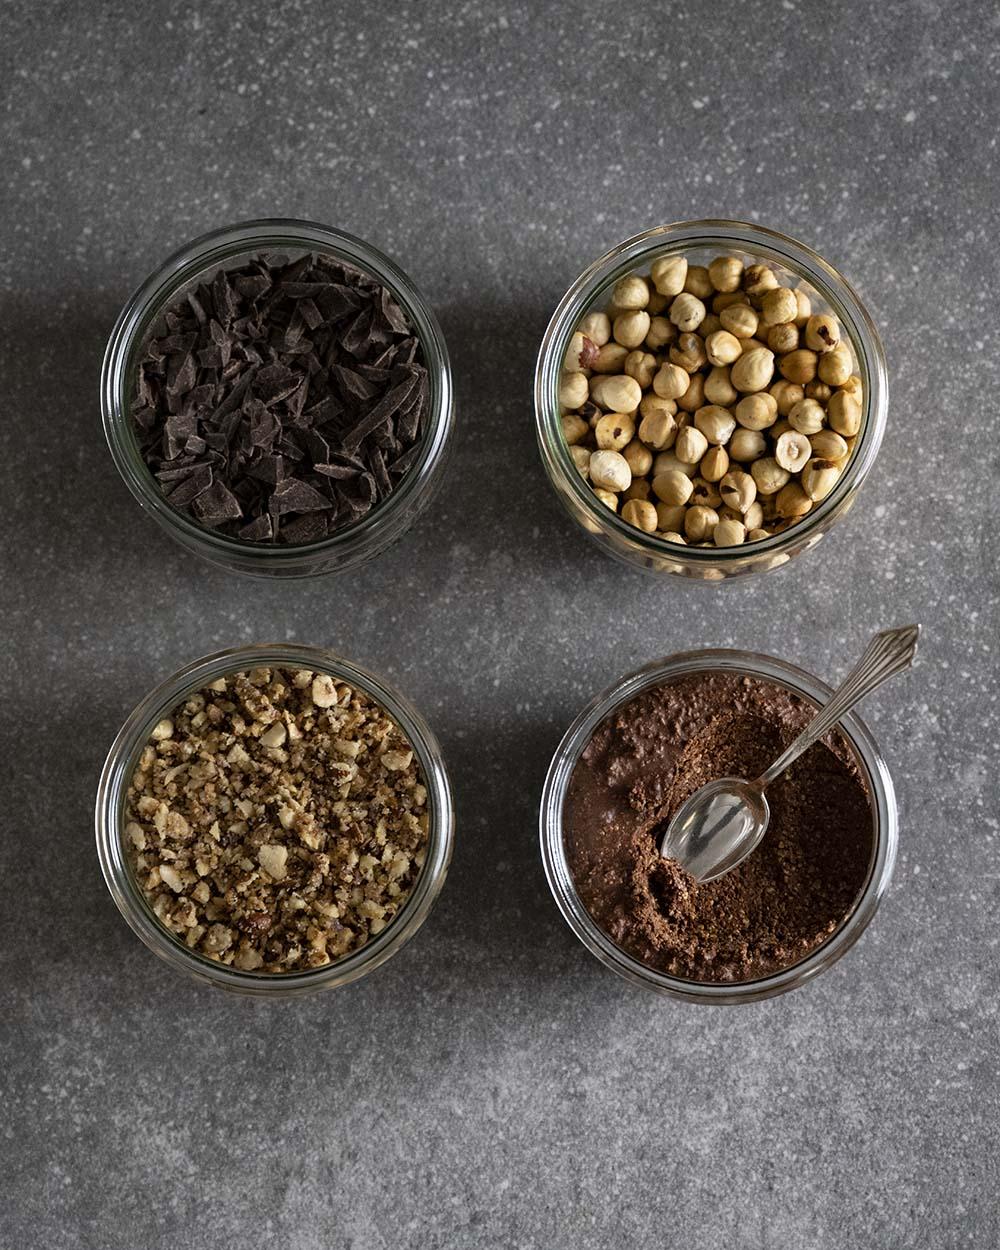 Alle Zutaten für usnere Schoko-Kugeln auf einen Blick und fotografiert von oben: geröstete Haselnüsse, die Schoko-Creme, Krokant und gehackte Schokolade.